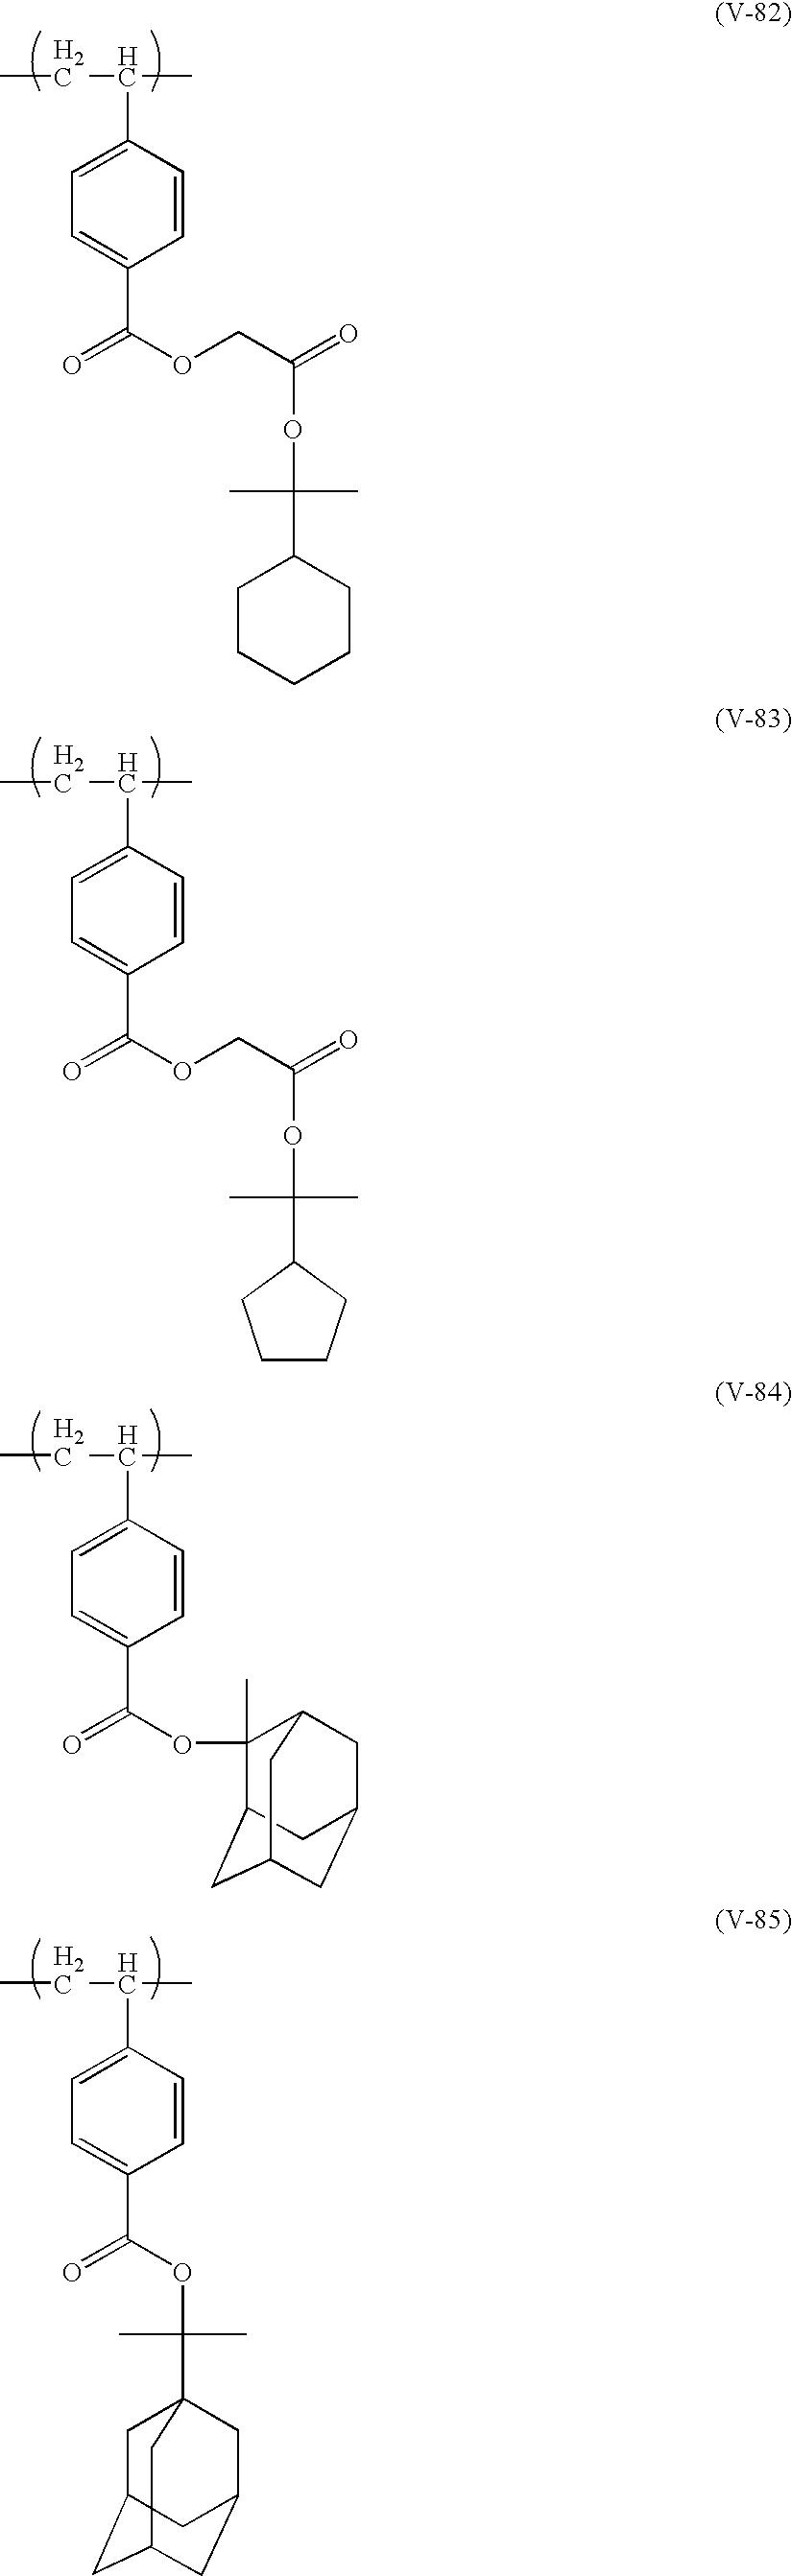 Figure US20100183975A1-20100722-C00122